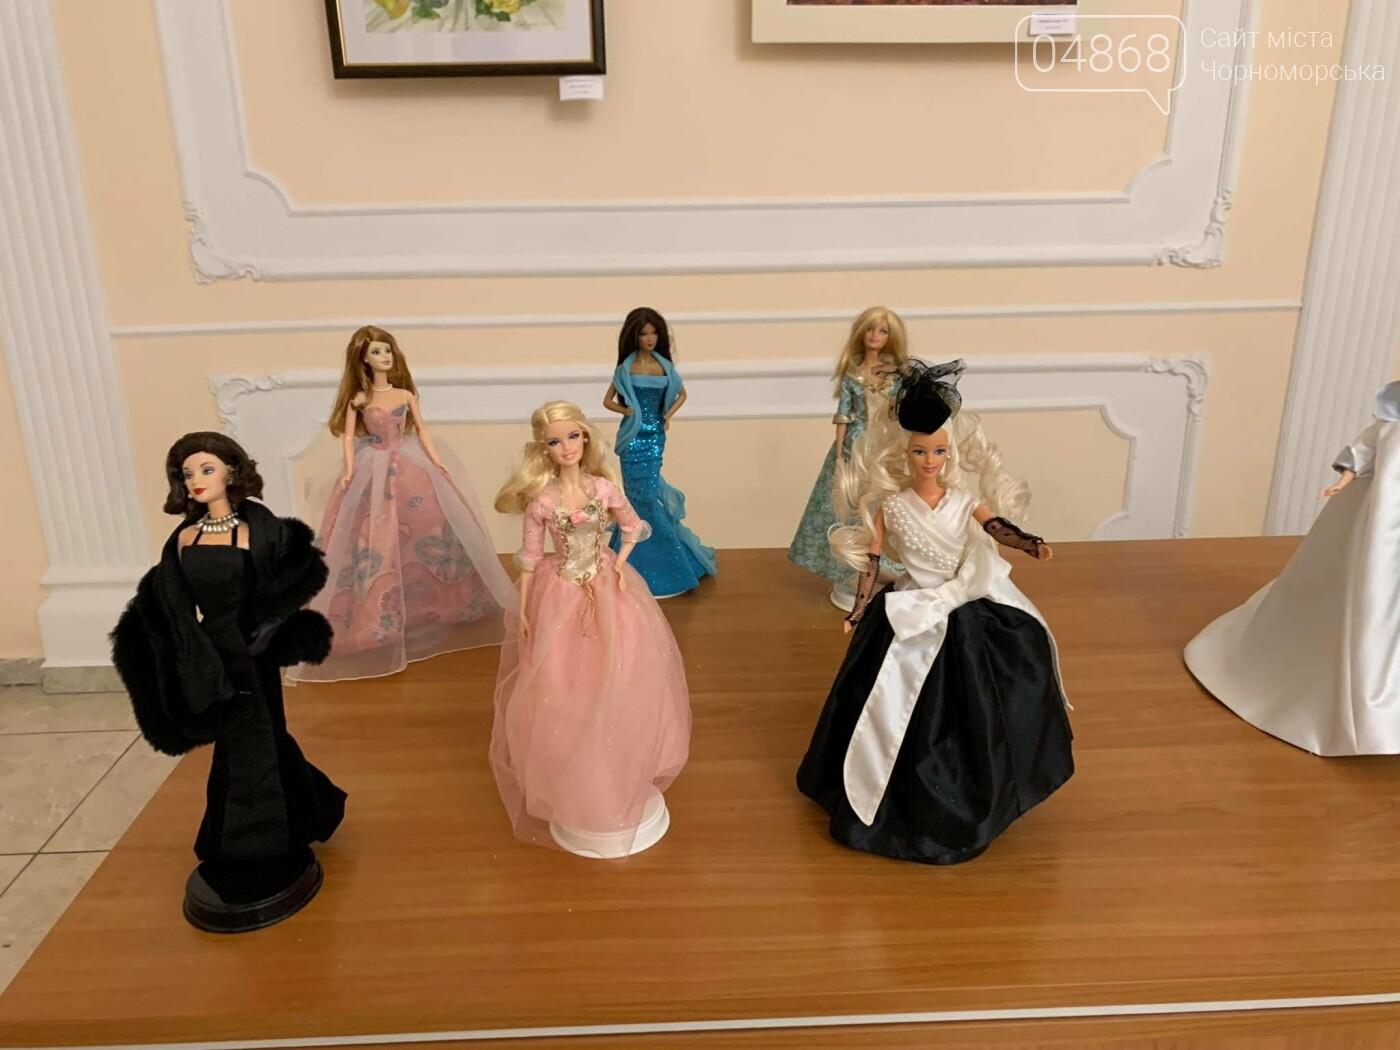 Как будто живые: в Черноморске проходит выставка фарфоровых кукол (видео), фото-37